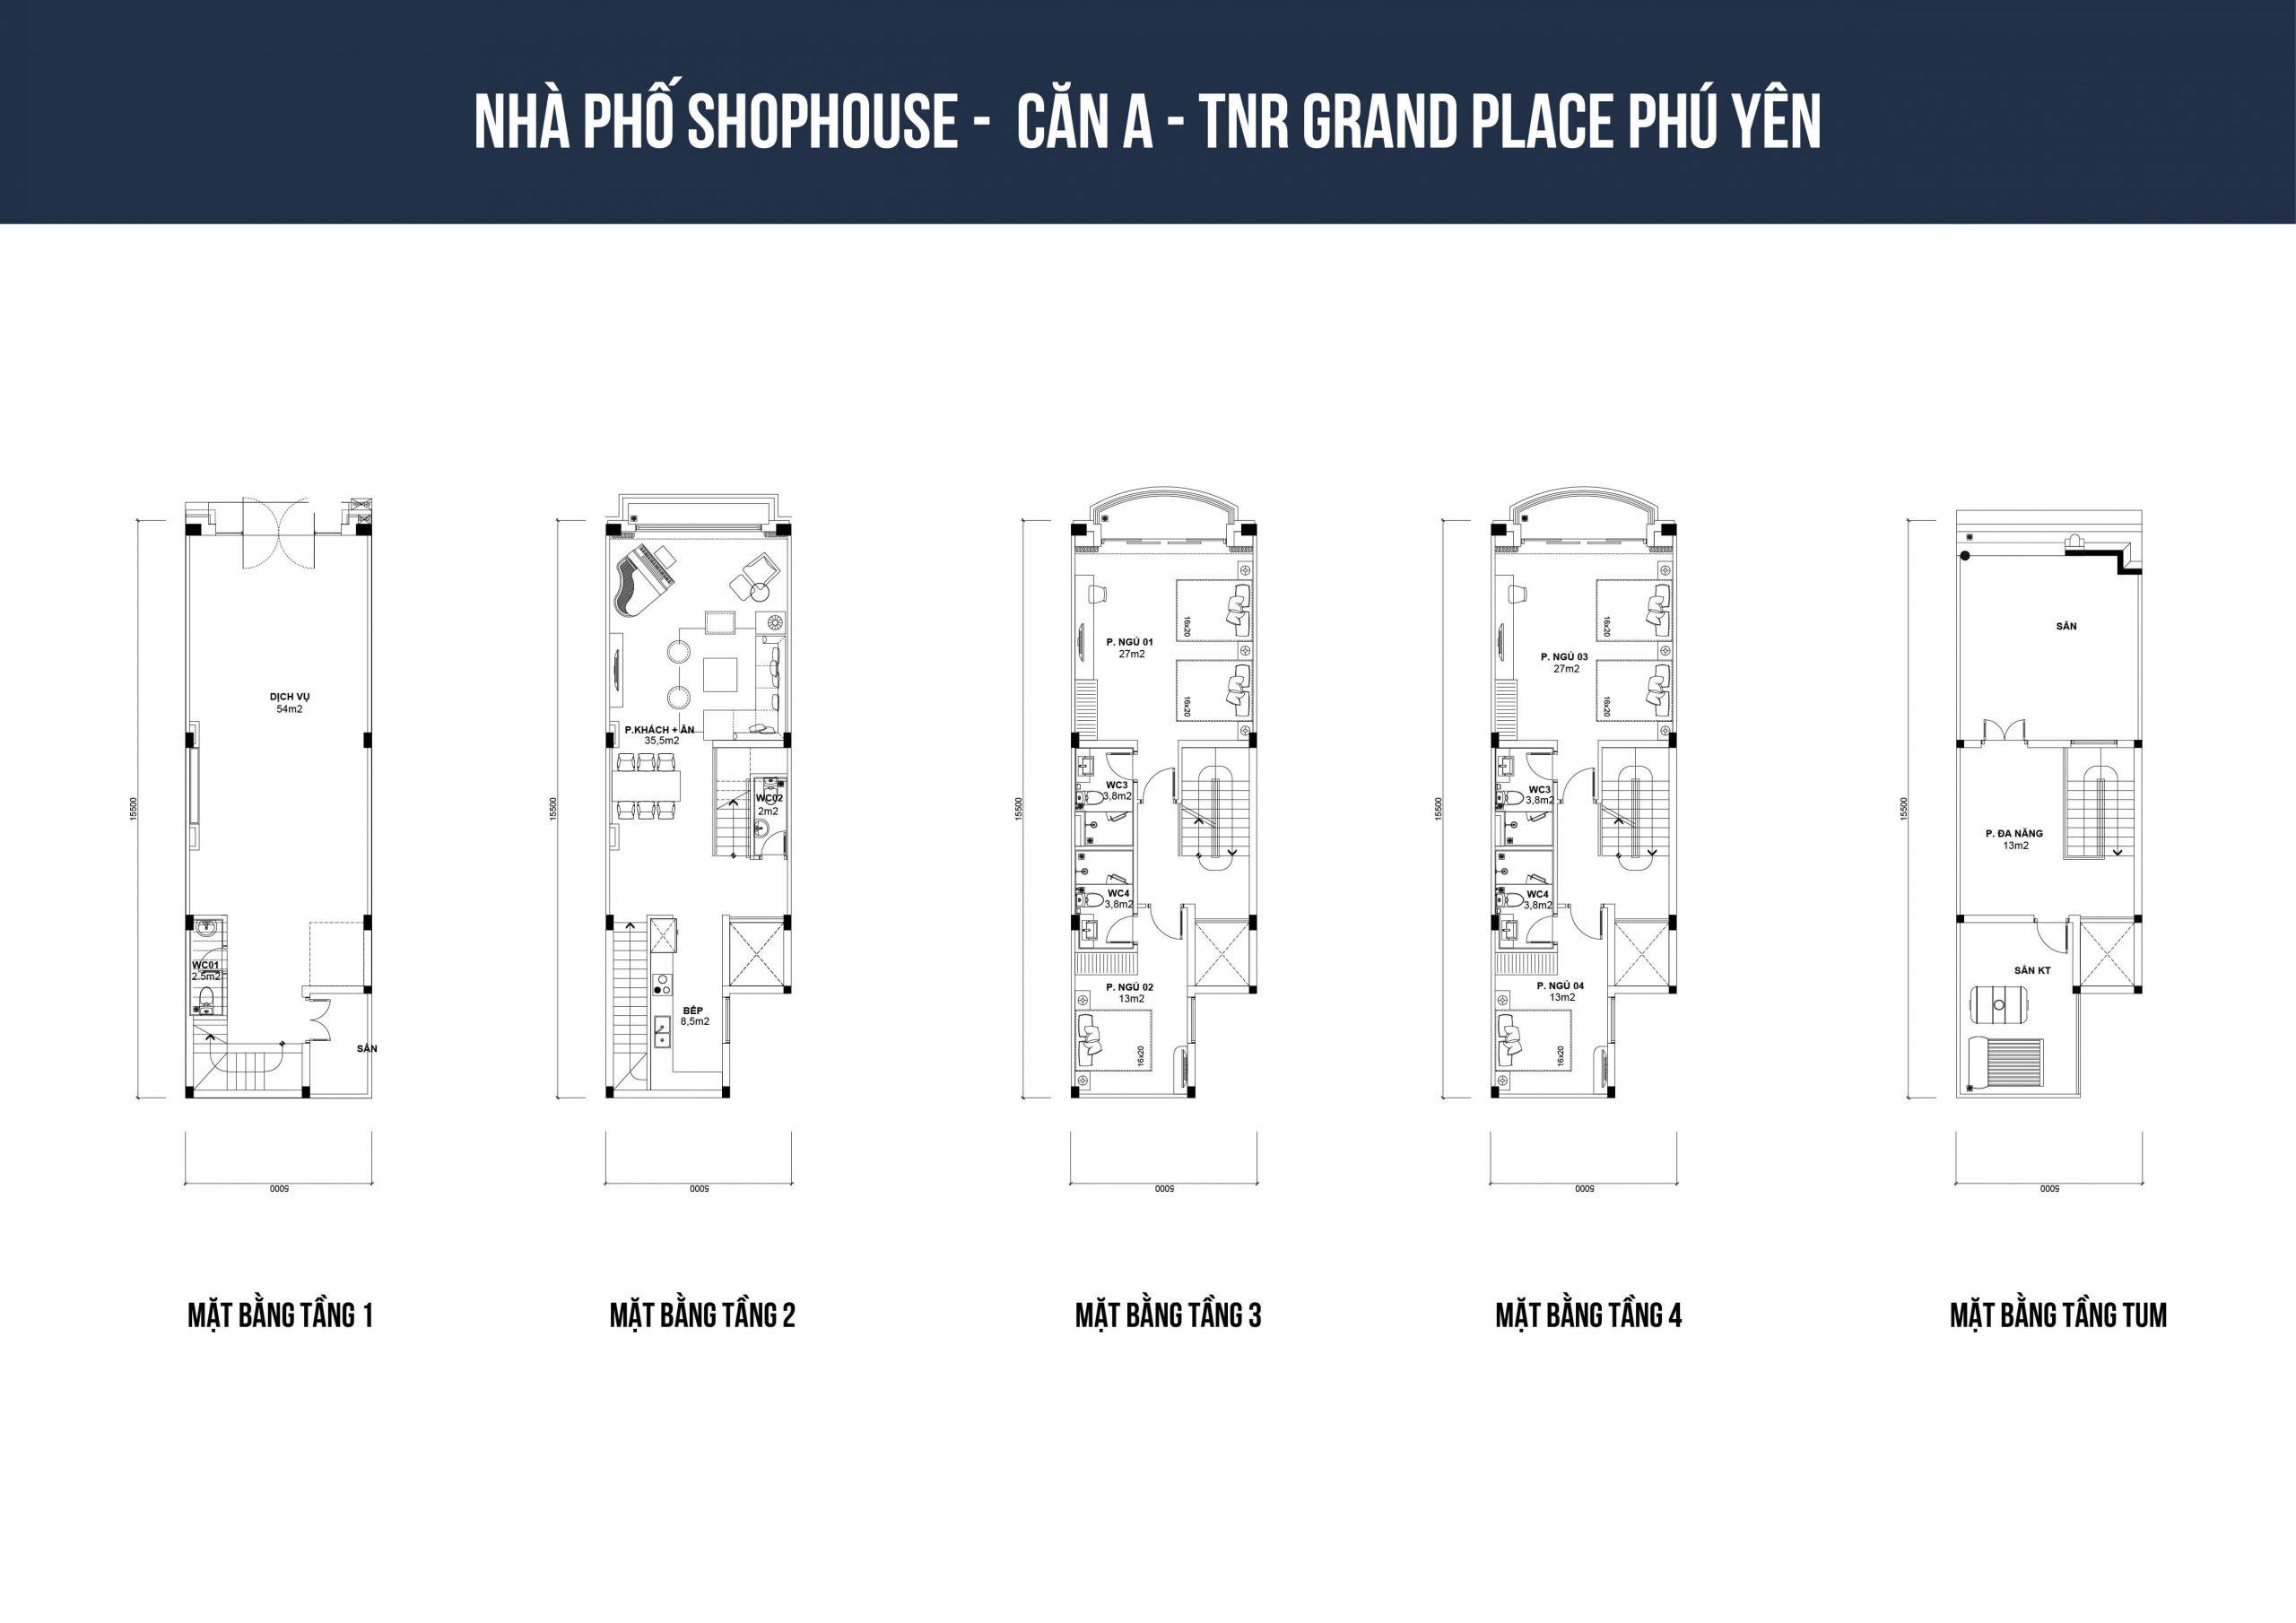 thiết kế shophouse tnr phú yên loại a1